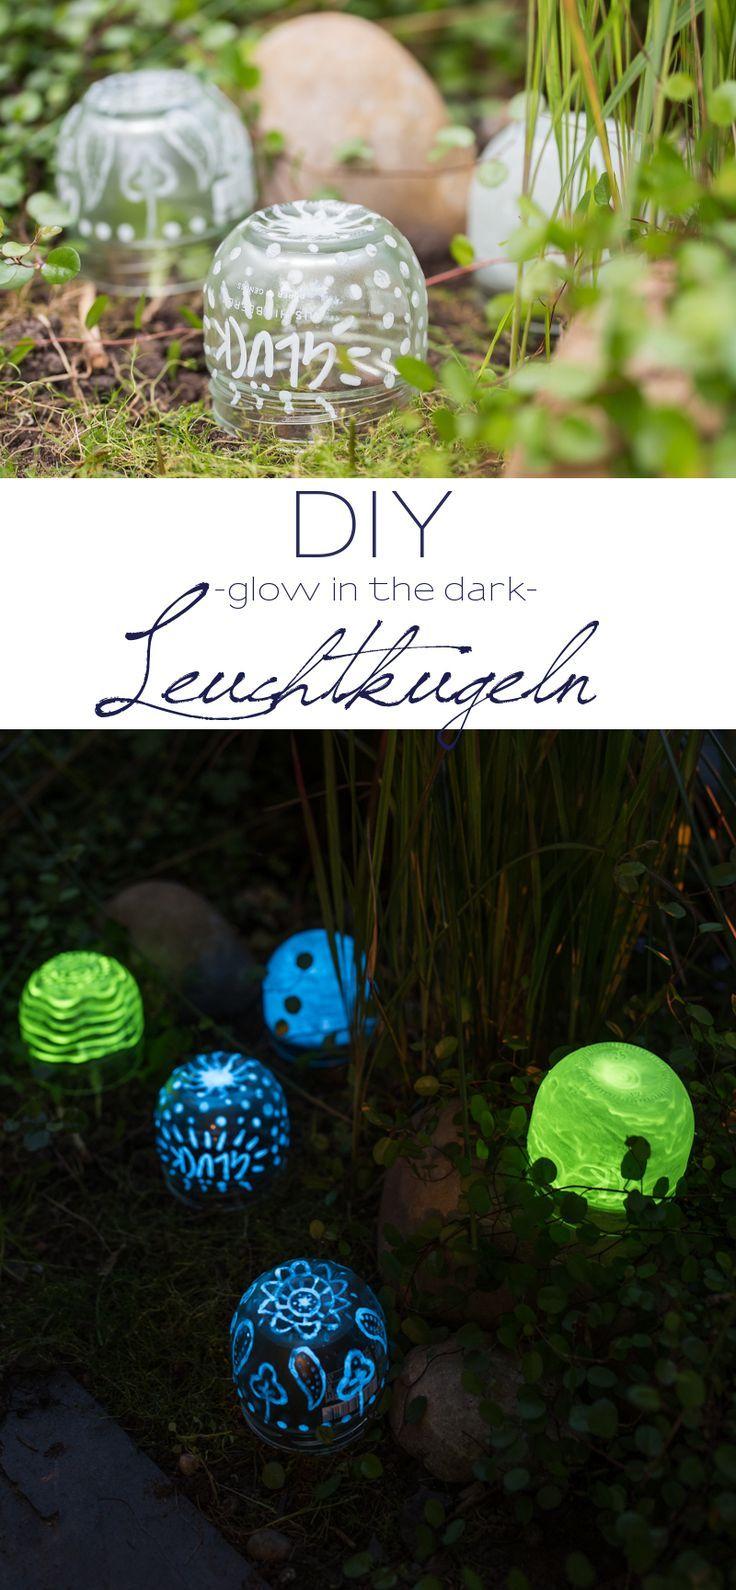 Diy Gartendekoration Mondlichtkugeln Im Dunkeln Leuchten Check More At Https Garden Berkemre Club Diy Ga Diy Garden Decor Diy Glow Glow In The Dark